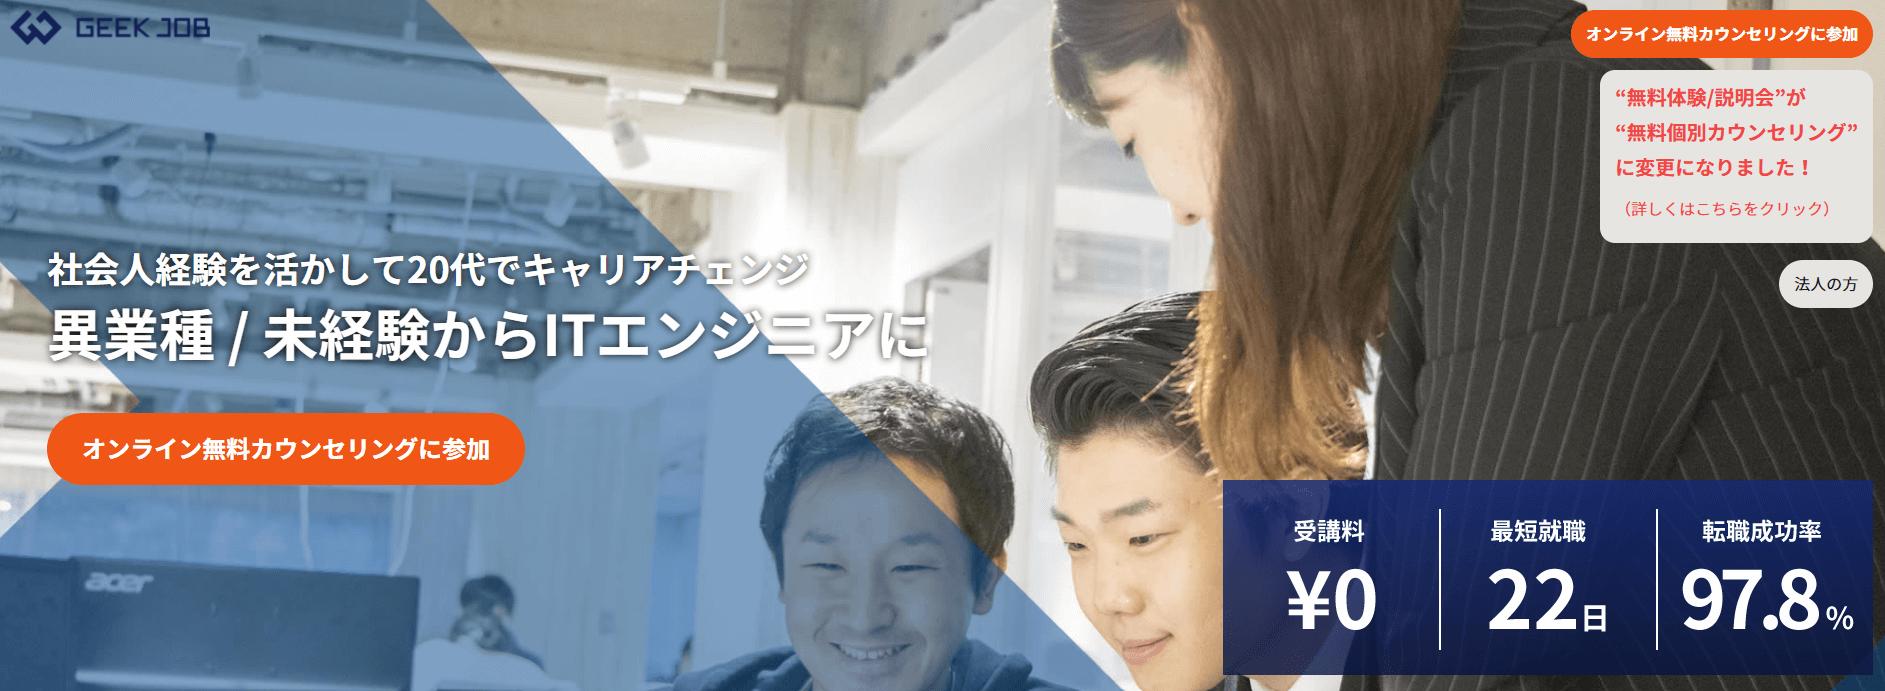 プログラミングスクール_無料_おすすめ_geekjob_ギークジョブ